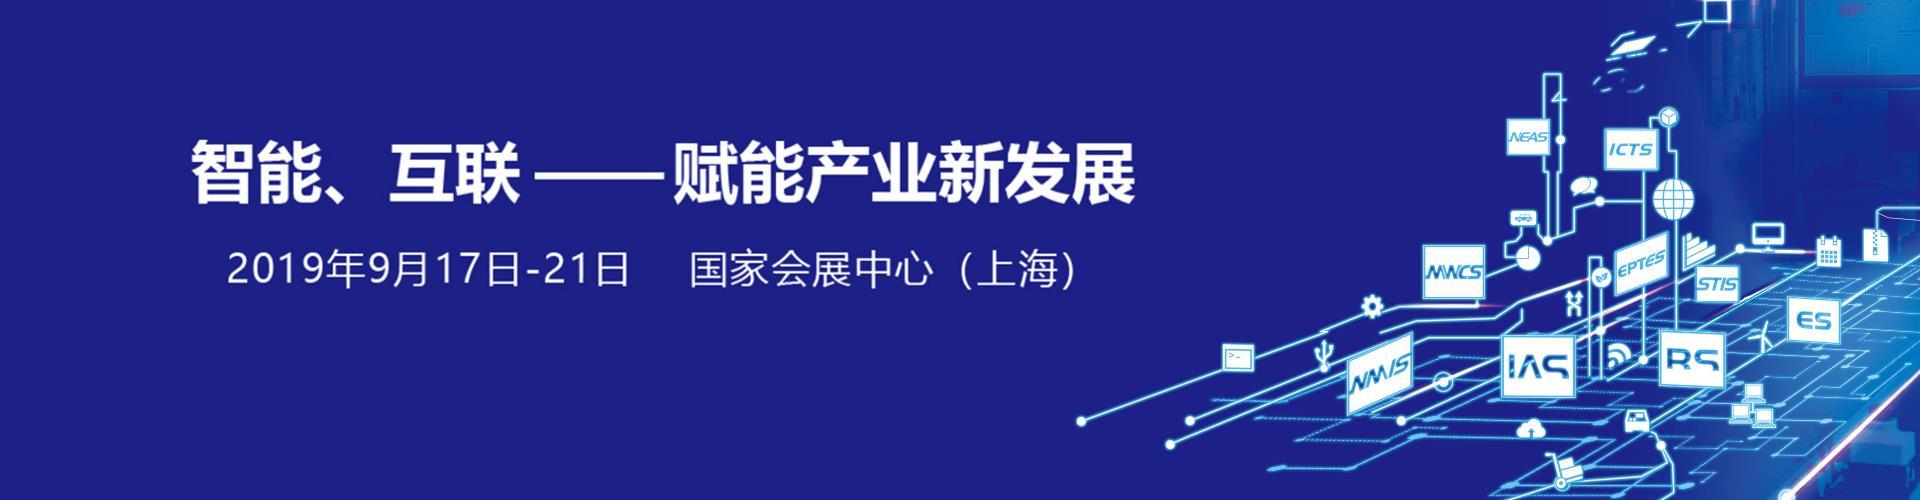 2019 中國國際工業博覽會